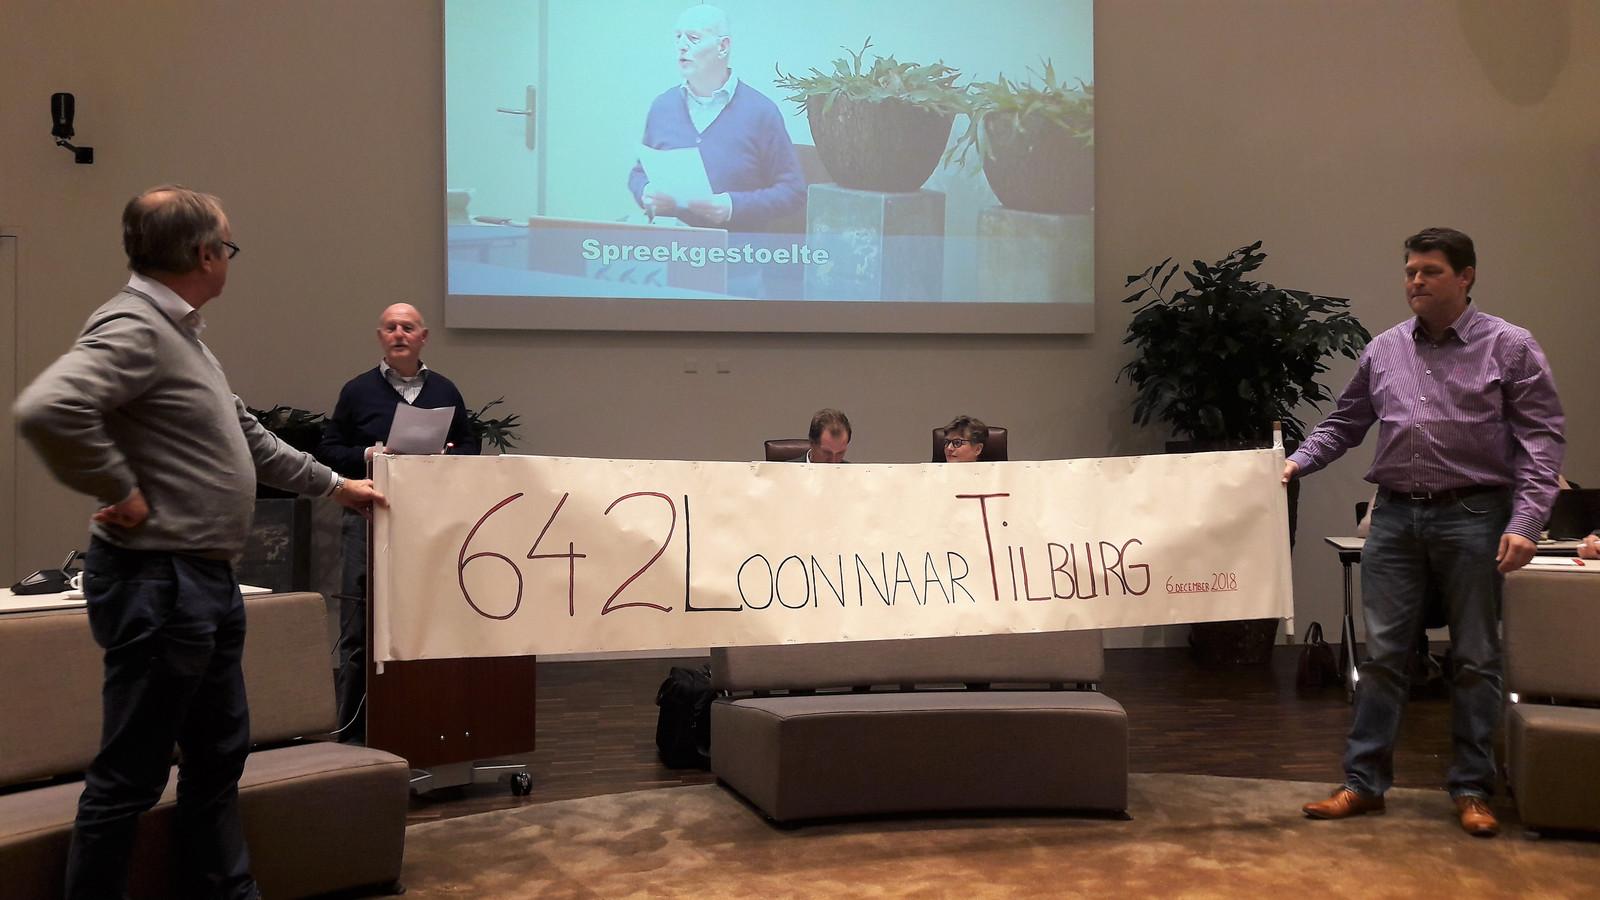 De drie initiatiefnemers van de handtekeningenactie met v.l.n.r. Wim Meulesteen, Ton Janssen en Jan van Gompel.